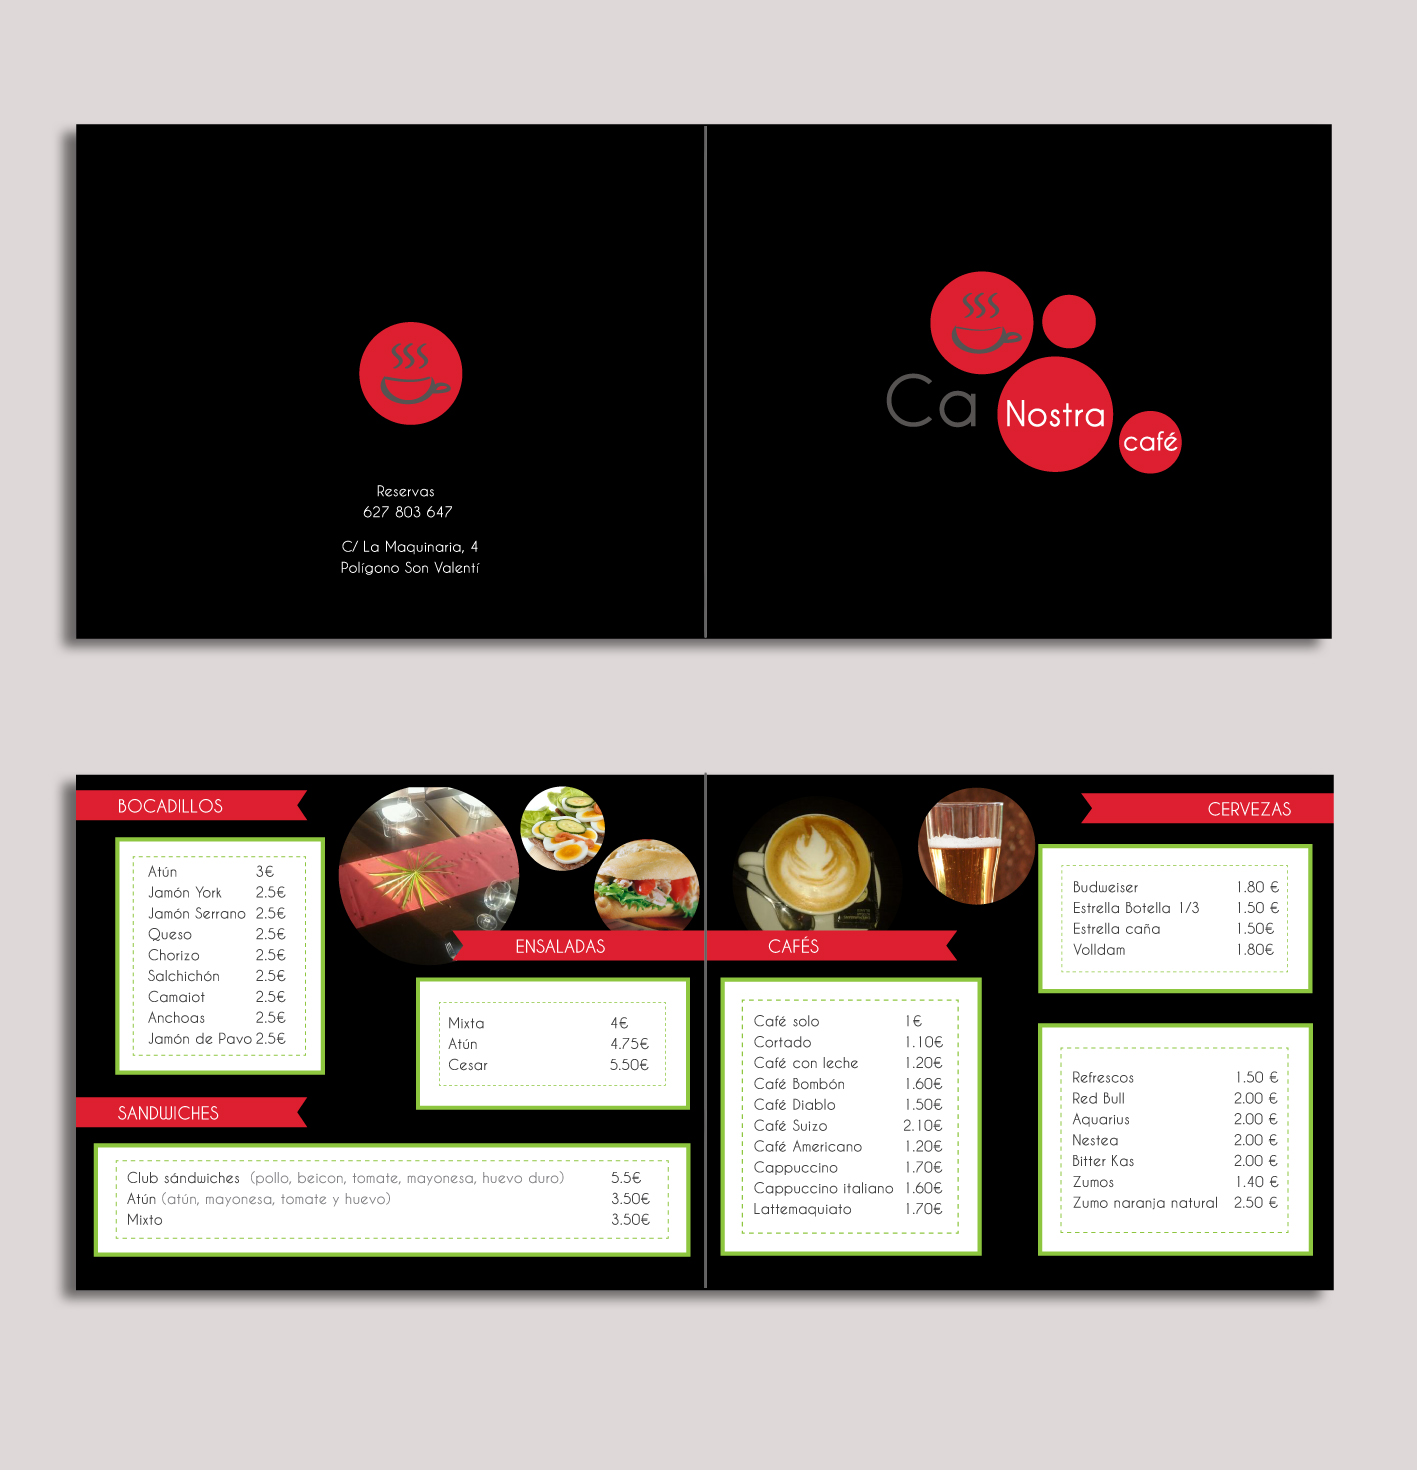 Dise o cartas restaurante ca nostra h2a comunicaci - Disenos para restaurantes ...